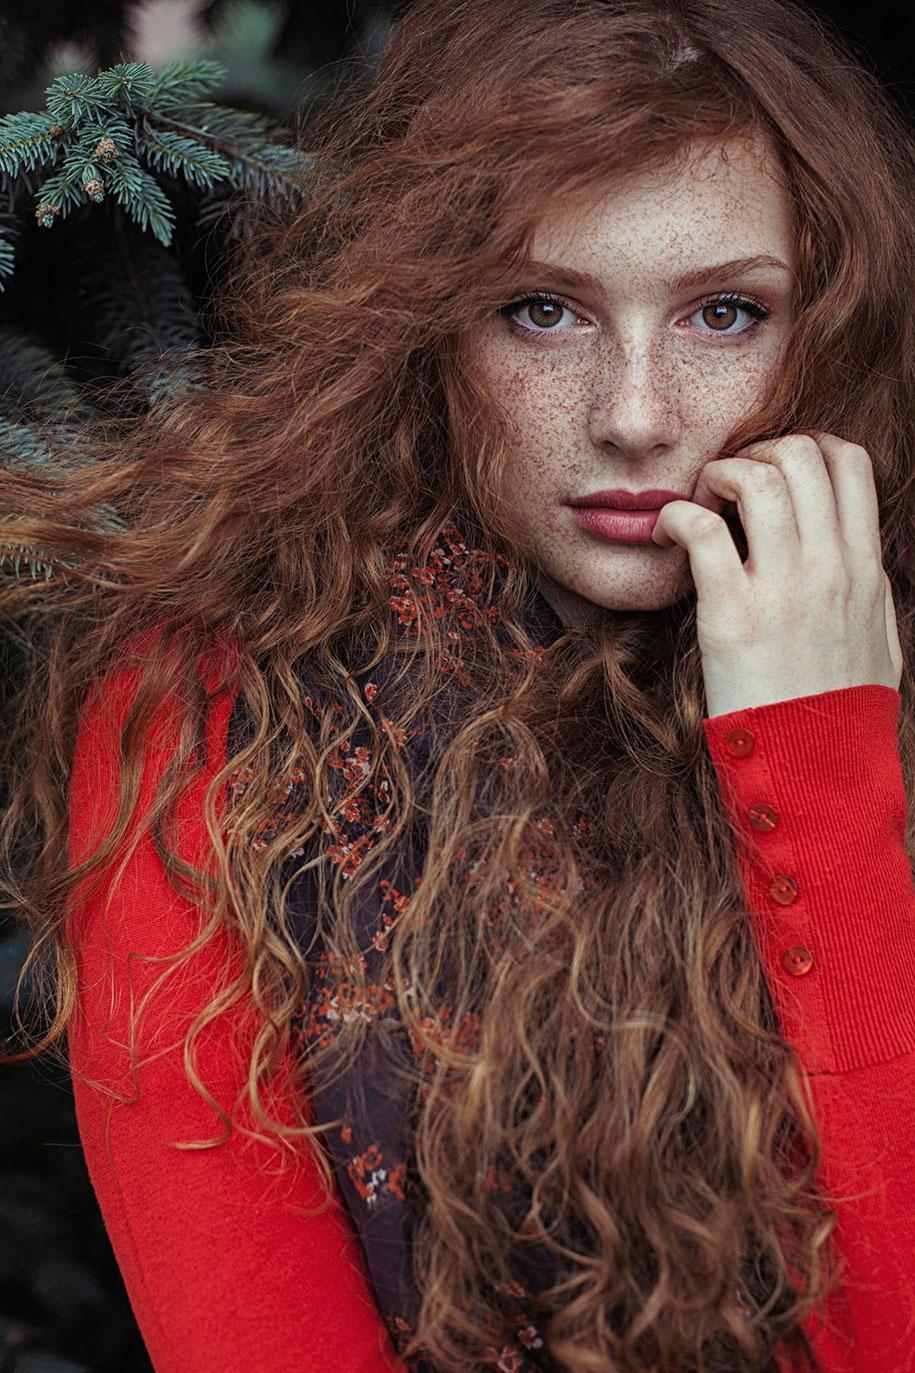 foto-ragazze-capelli-rossi-lentiggini-fiori-maja-topcagic-09